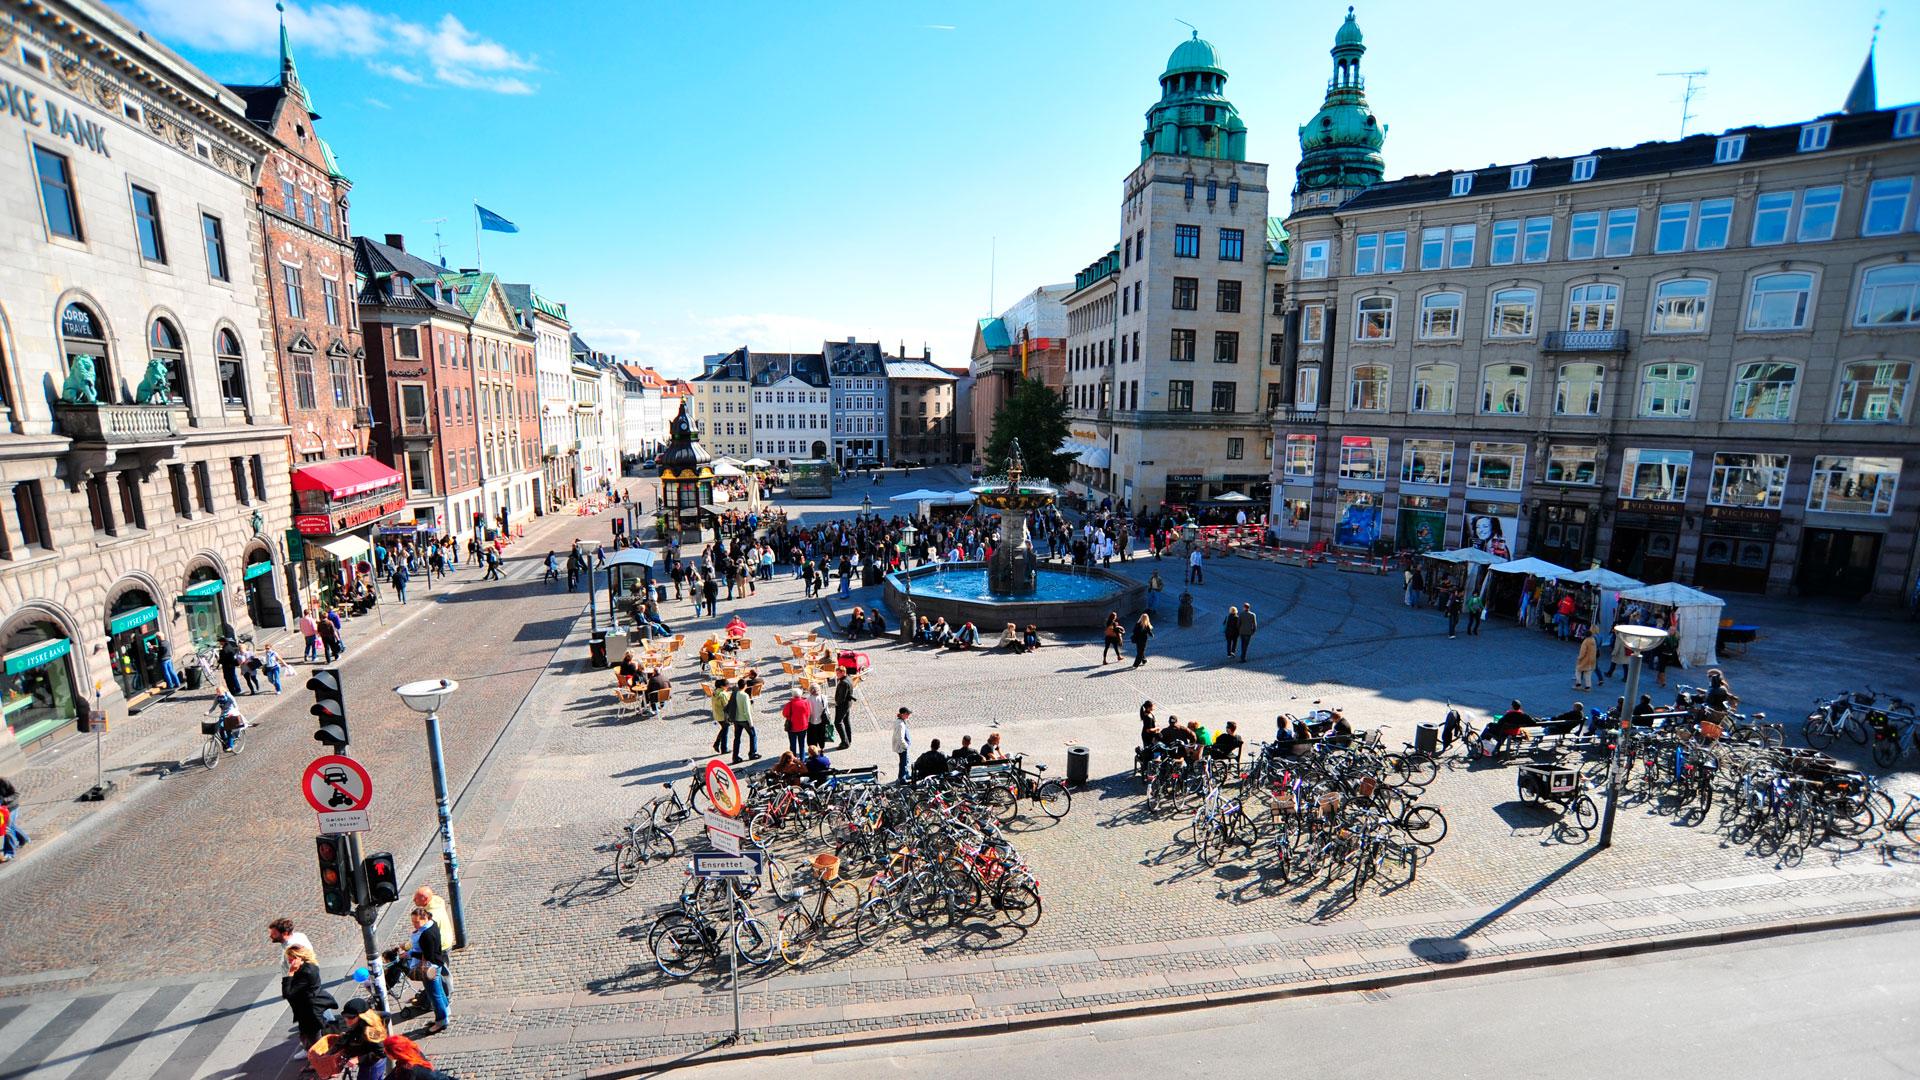 Imagen de la ciudad de Copenhague Dinamarca